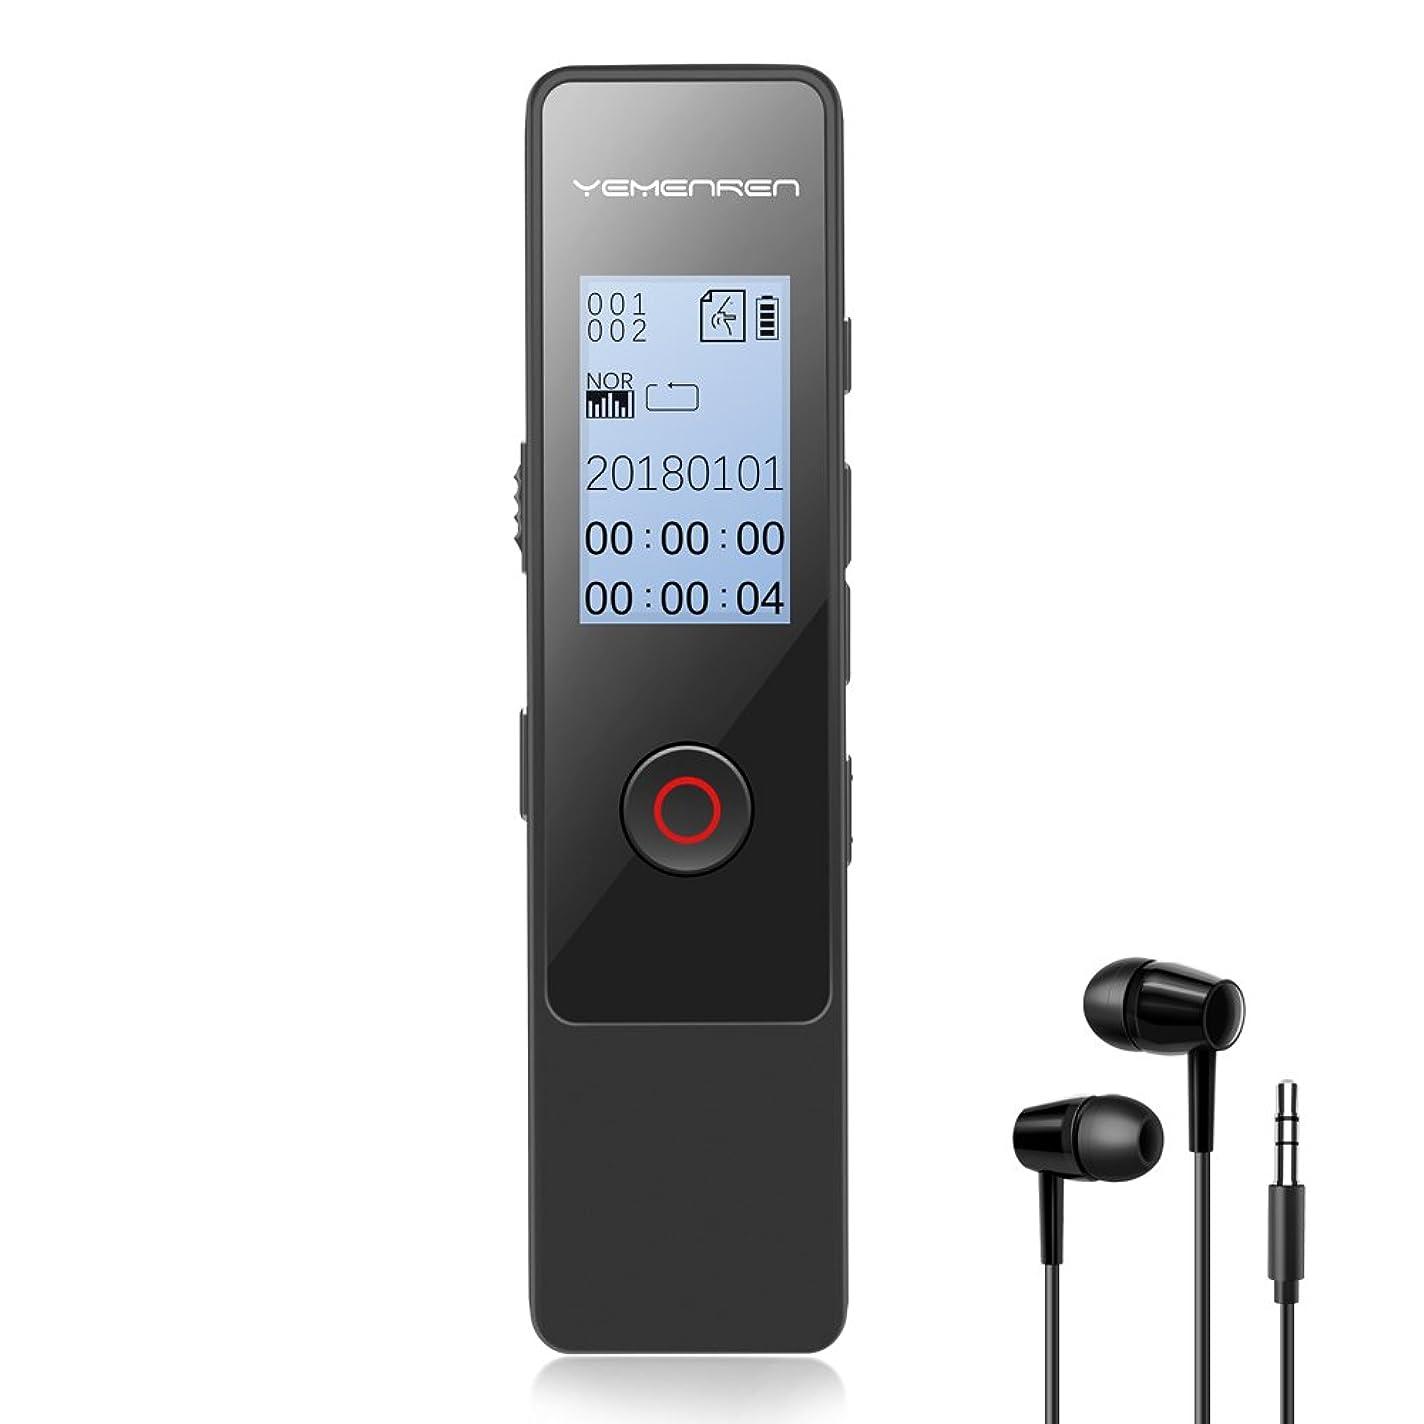 軽減する過去液体Anker Soundsync(2-in-1 Bluetooth 5.0 トランスミッター & レシーバー)【AUX、RCA、光デジタル接続対応】